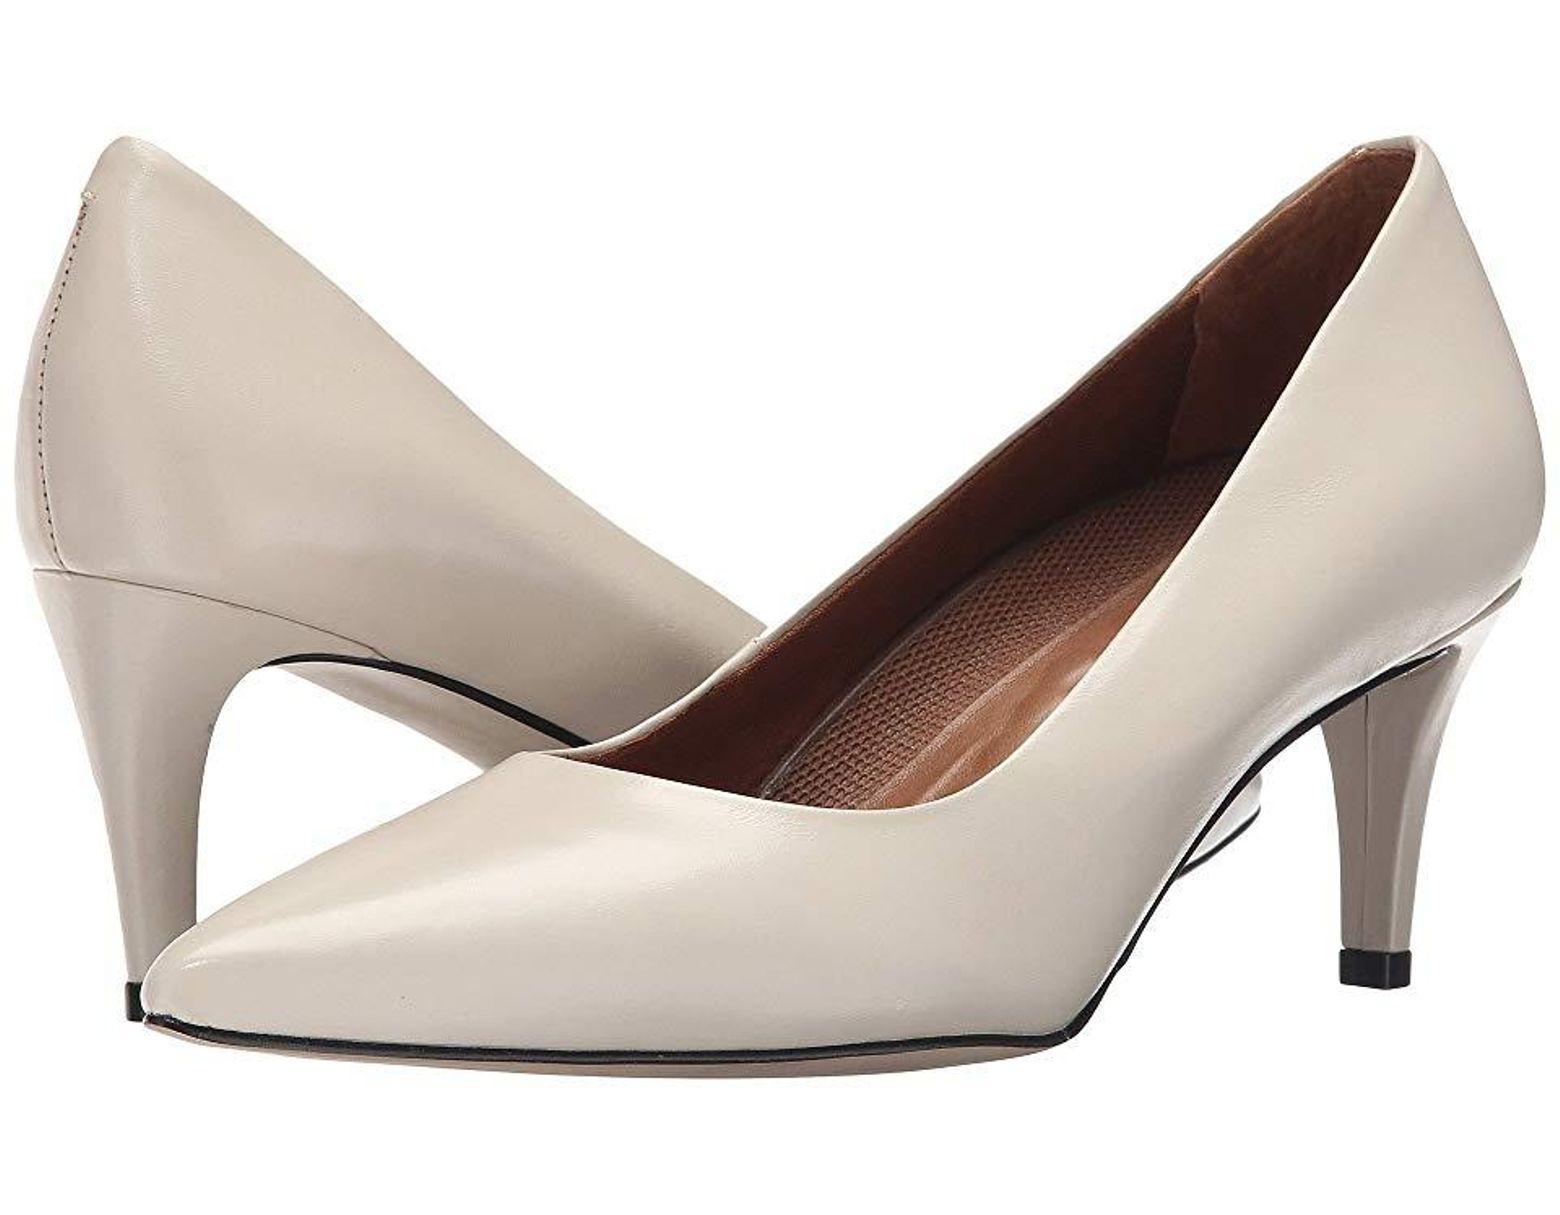 c7af8b2883 Walking Cradles Sophia (bone) High Heels - Save 20% - Lyst